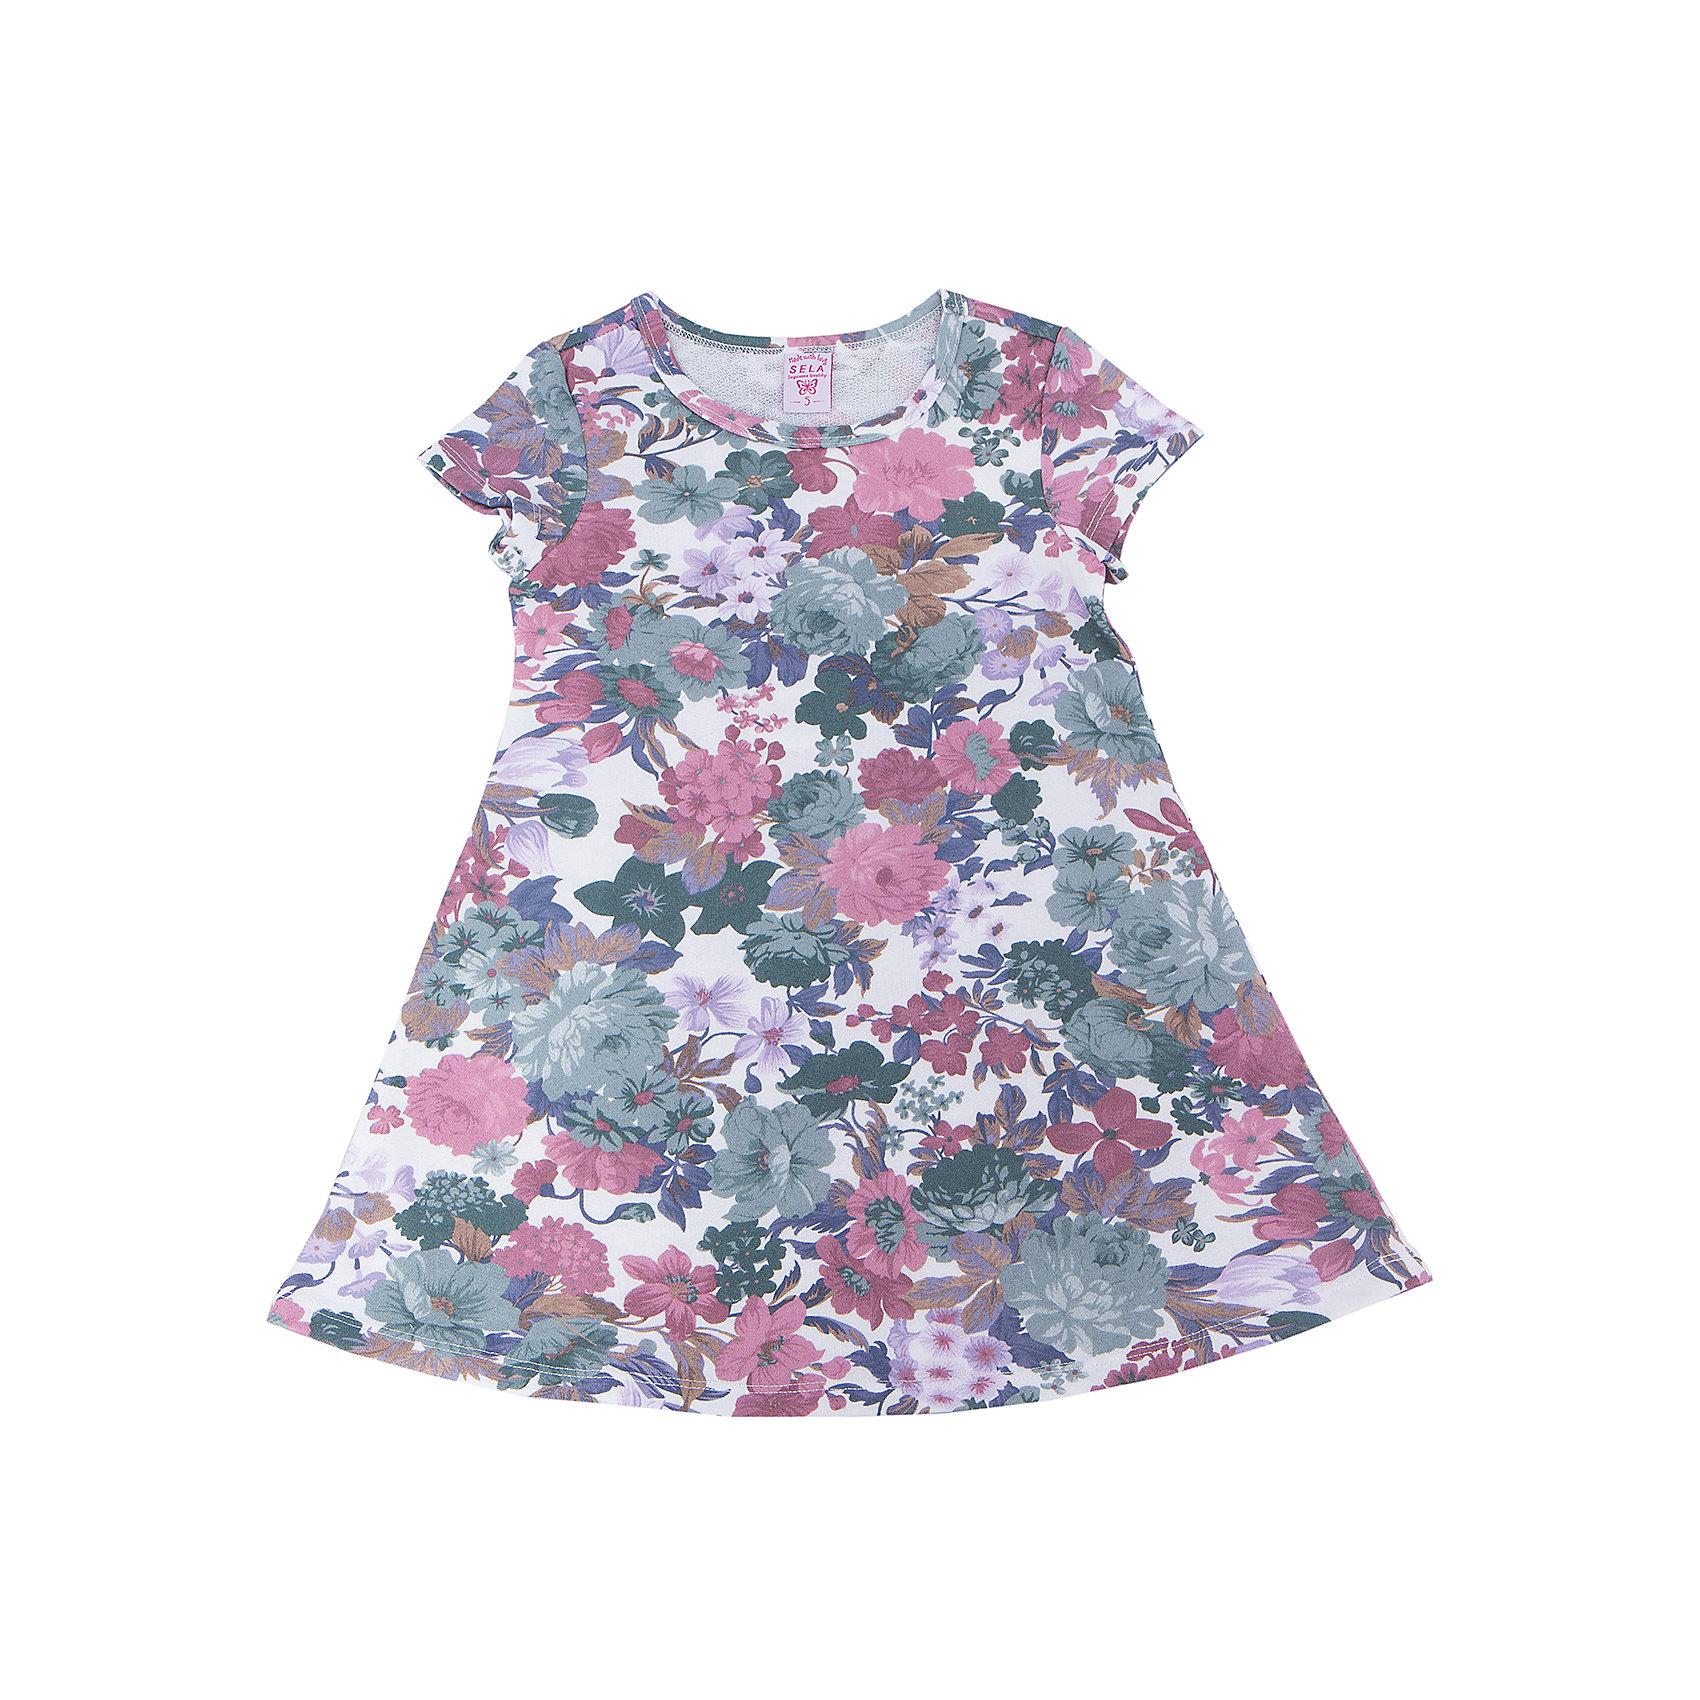 Платье для девочки SELAХарактеристики:<br><br>• Вид детской и подростковой одежды: платье<br>• Пол: для девочки<br>• Предназначение: повседневная, праздничная<br>• Сезон: лето<br>• Тематика рисунка: цветочный принт<br>• Цвет: мультиколор<br>• Материал: 65% хлопок, 35% полиэстер<br>• Силуэт: А-силуэт<br>• Рукав: короткий<br>• Горловина: круглая<br>• Длина платья: мини<br>• Особенности ухода: ручная стирка при температуре не более 30 градусов, глажение на щадящем режиме<br><br>Платье для девочки SELA из коллекции детской и подростковой одежды от знаменитого торгового бренда, который производит удобную, комфортную и стильную одежду, предназначенную как для будней, так и для праздников. Изделие выполнено из легкого трикотажного полотна, в состав которого входит хлопок и полиэстер, что обеспечивает платью повышенные гипоаллергенные и гигроскопичные свойства. Платье выполнено в классическом стиле: А-силуэт, короткий втачной рукав и круглая горловина. Изделие выполнено из ткани в крупный цветочный принт. Платье для девочки SELA может быть как самостоятельным предметом гардероба, так и хорошо будет сочетаться с леггинсами.<br><br>Платье для девочки SELA можно купить в нашем интернет-магазине.<br><br>Ширина мм: 236<br>Глубина мм: 16<br>Высота мм: 184<br>Вес г: 177<br>Цвет: разноцветный<br>Возраст от месяцев: 24<br>Возраст до месяцев: 36<br>Пол: Женский<br>Возраст: Детский<br>Размер: 98,116,110,104<br>SKU: 5305340